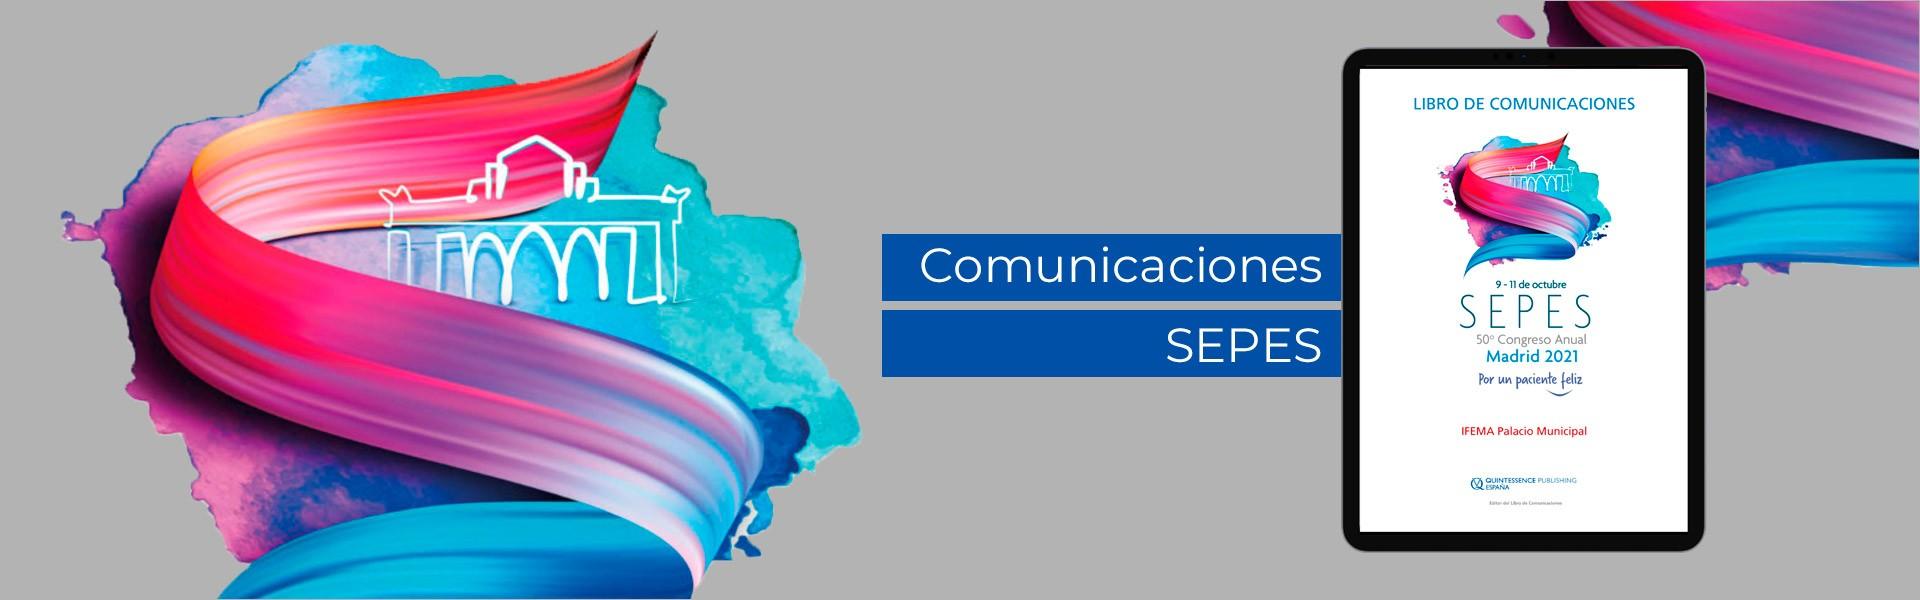 Libro de comunicaciones SEPES